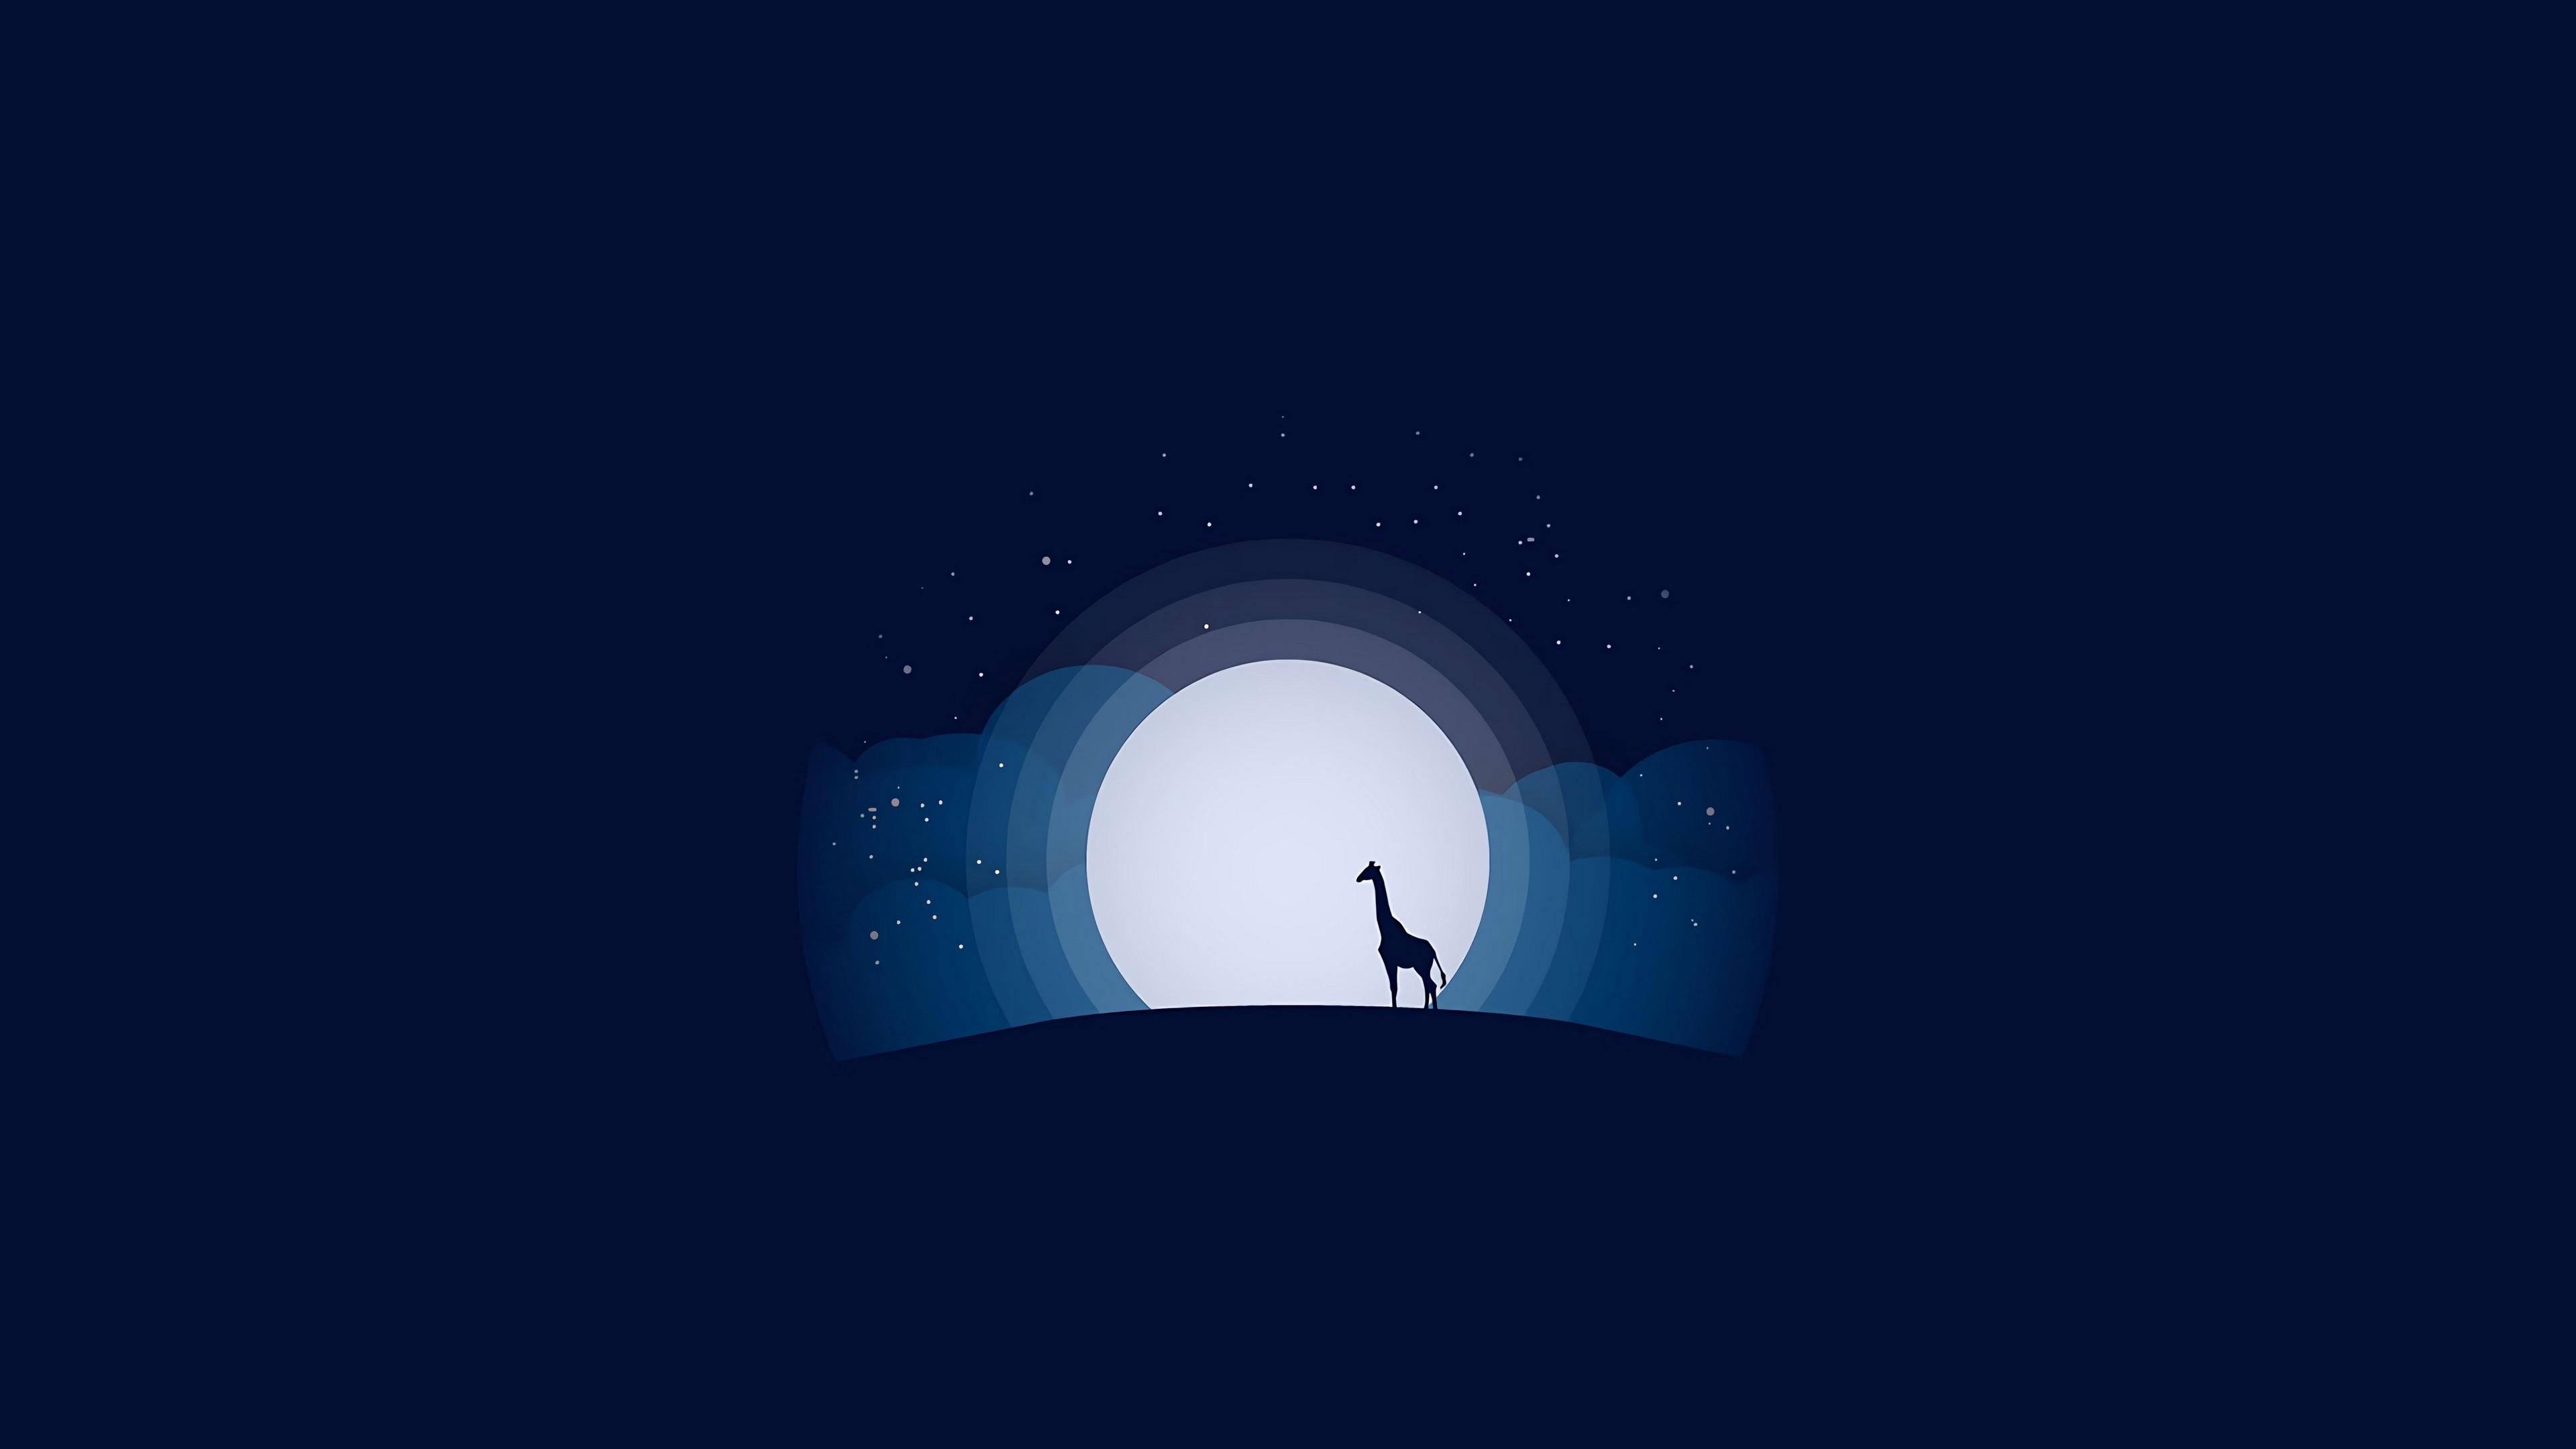 4k Moon Giraffe Hill Wallpaper 3840x2160